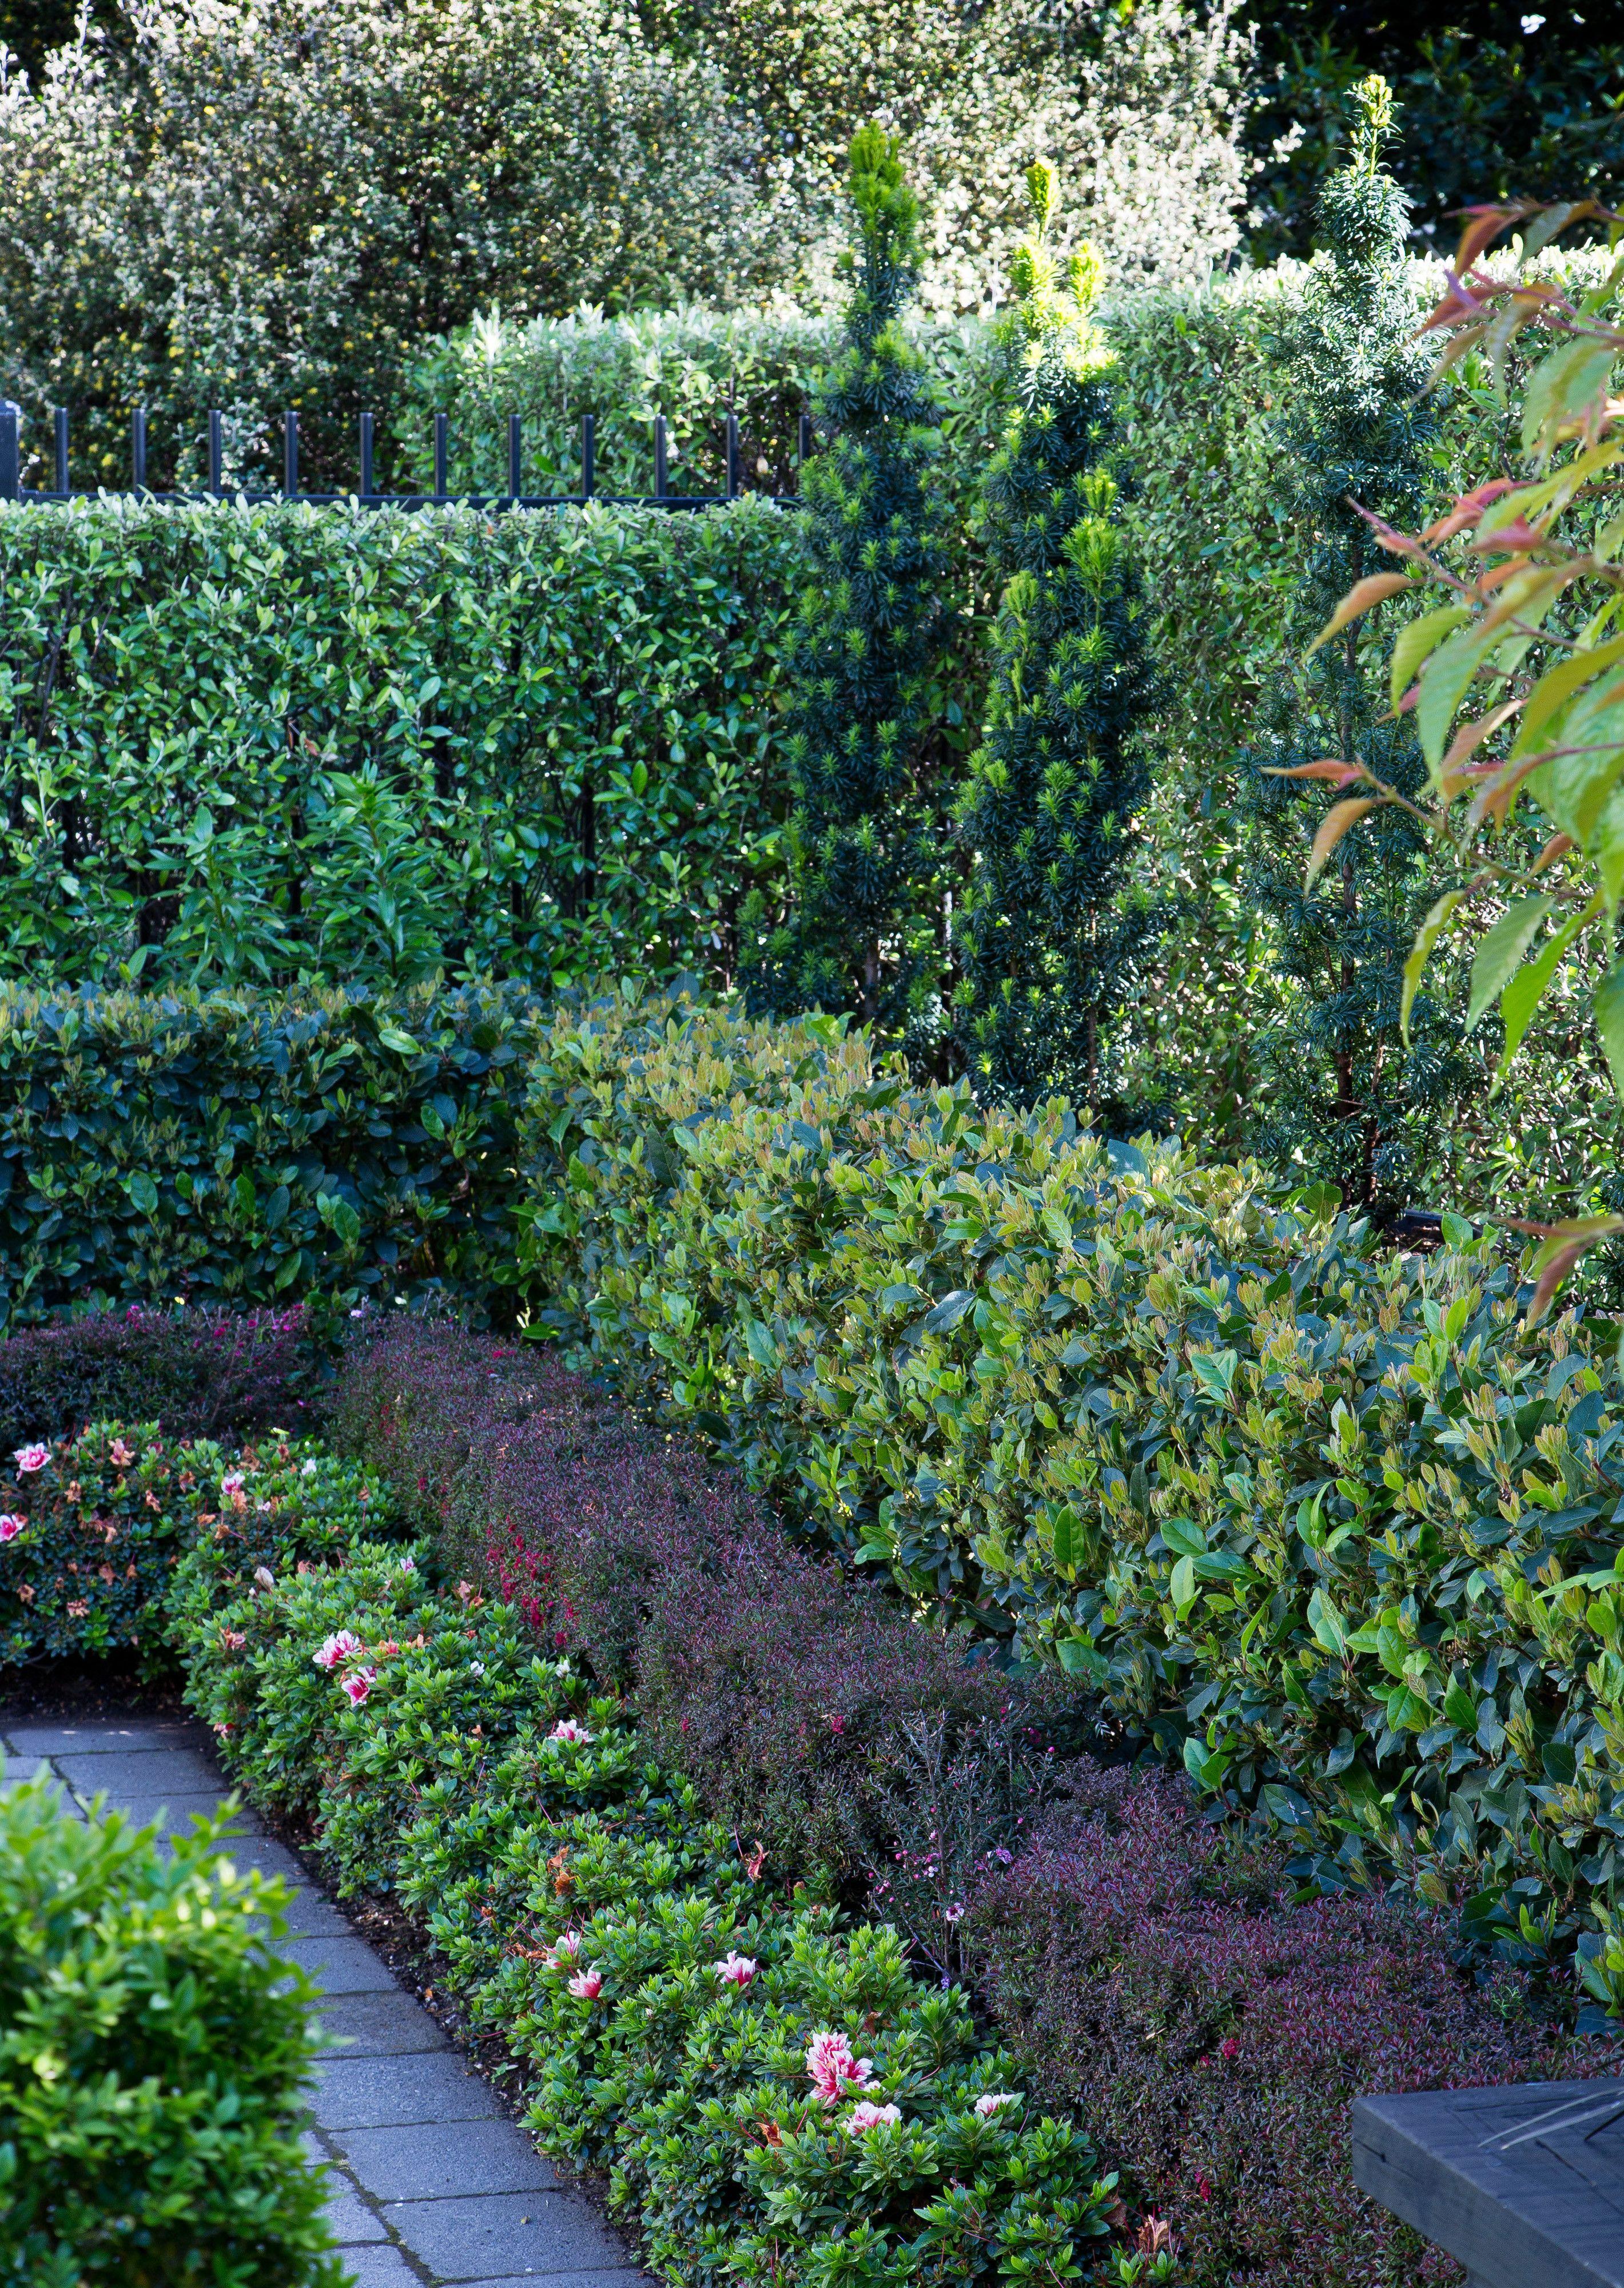 Layered Hedges Garden Hedges Hedges Landscaping Urban Garden